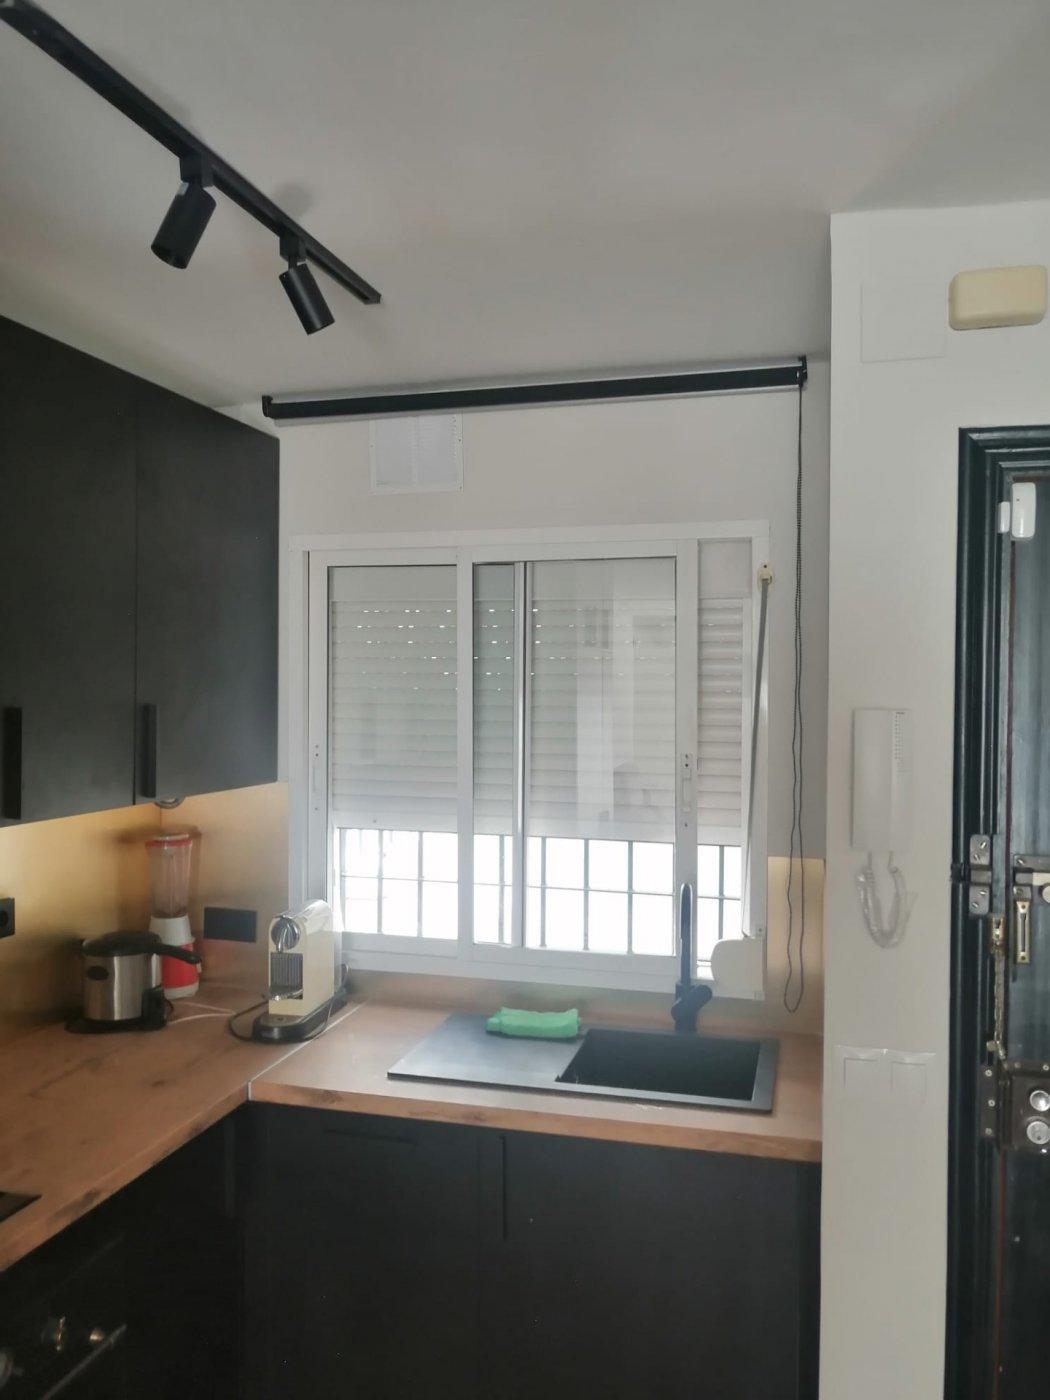 Apartamento 2 dormitorios en la cariihuela - imagenInmueble5